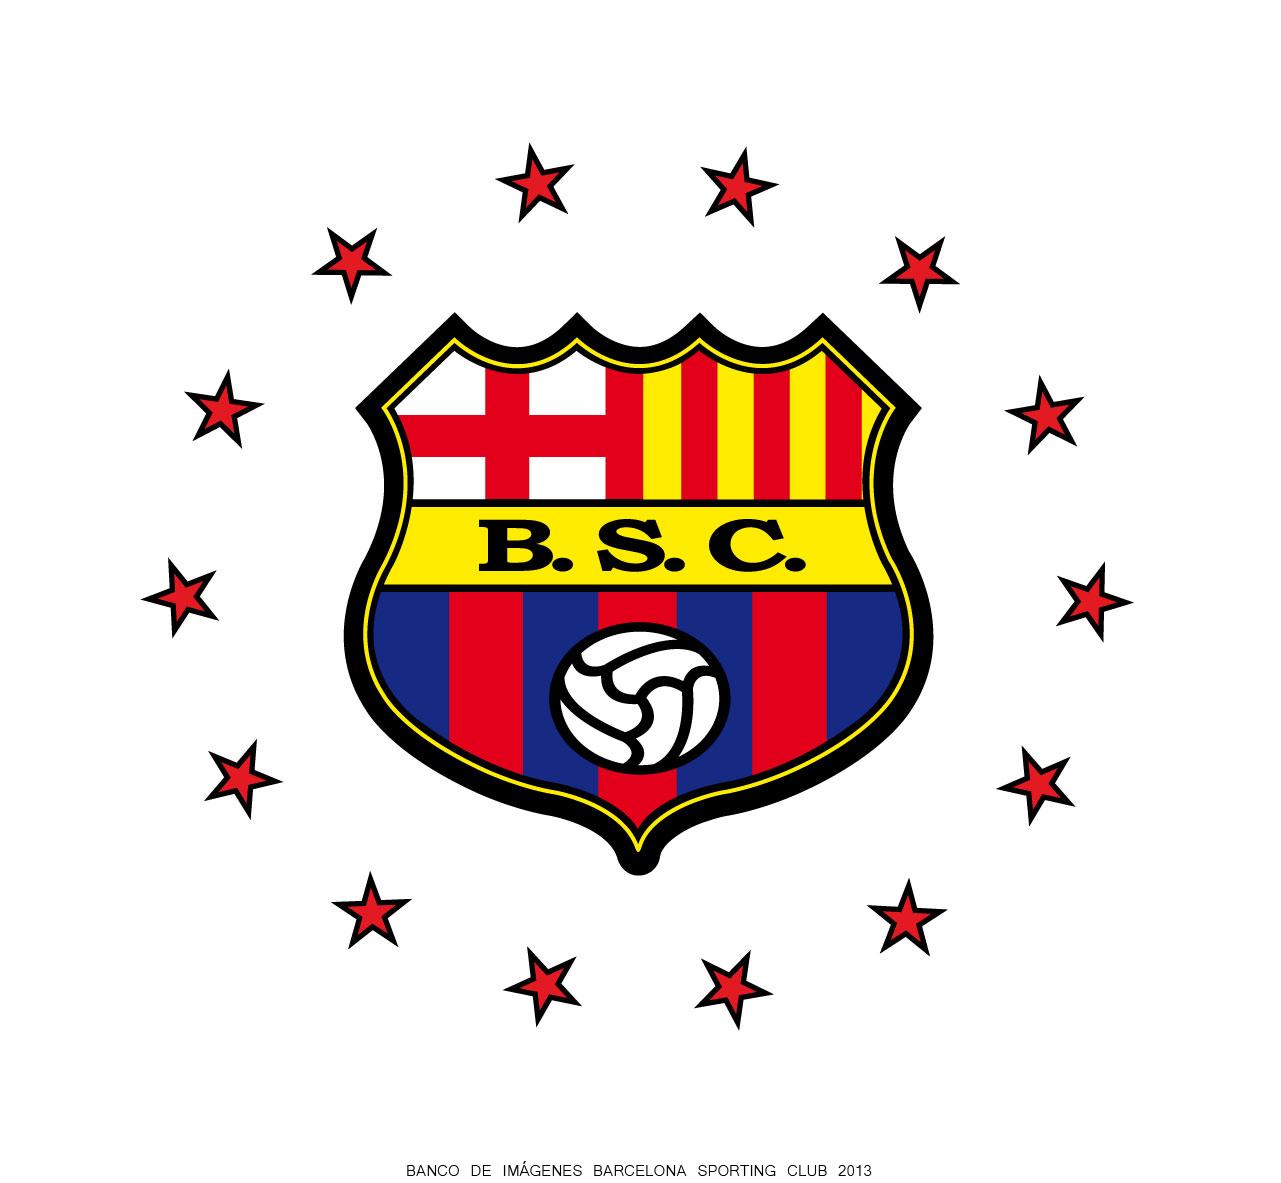 Nuevo Escudo De Barcelona Sporting Club 2013 Con 14 Estrellas En Forma